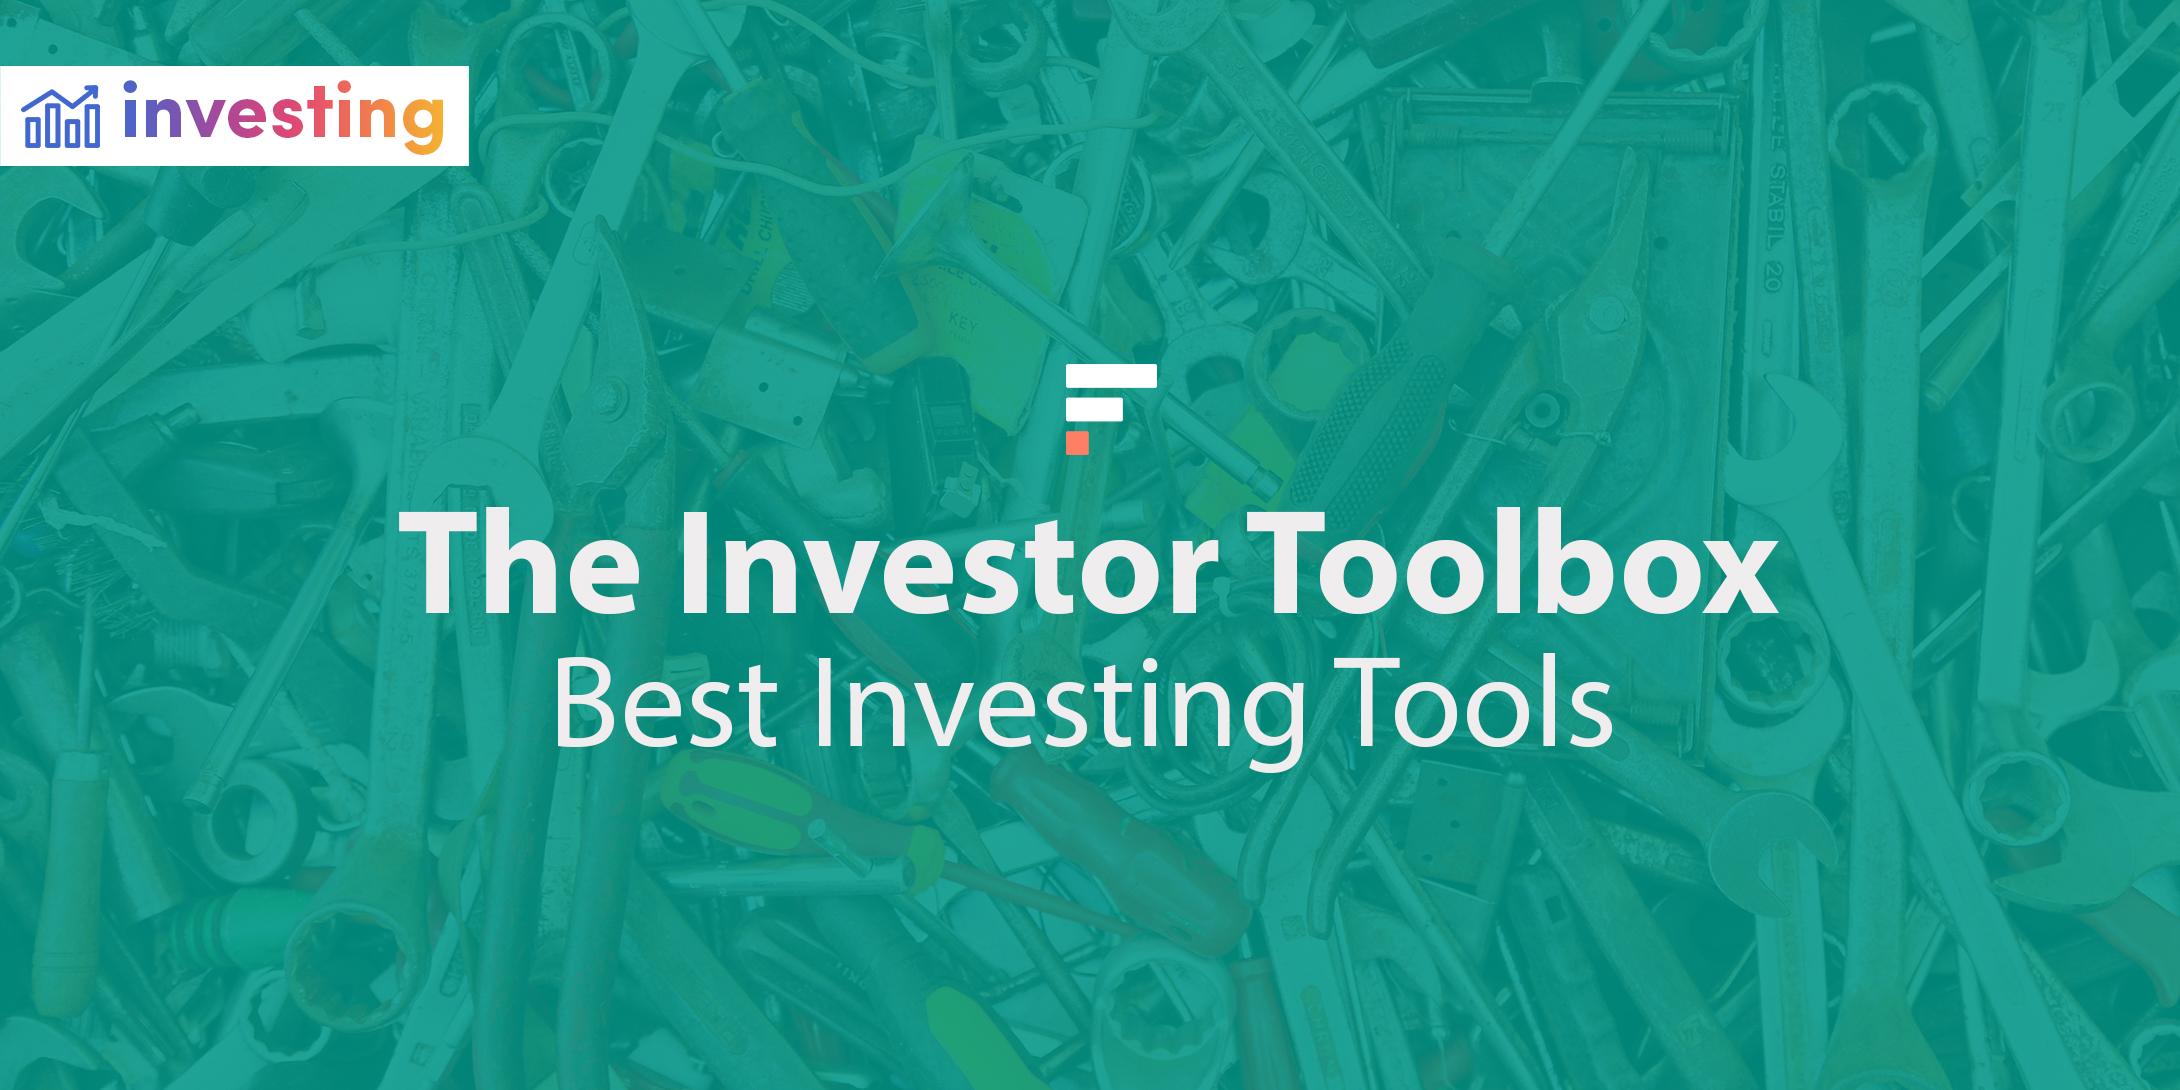 Best investing tools